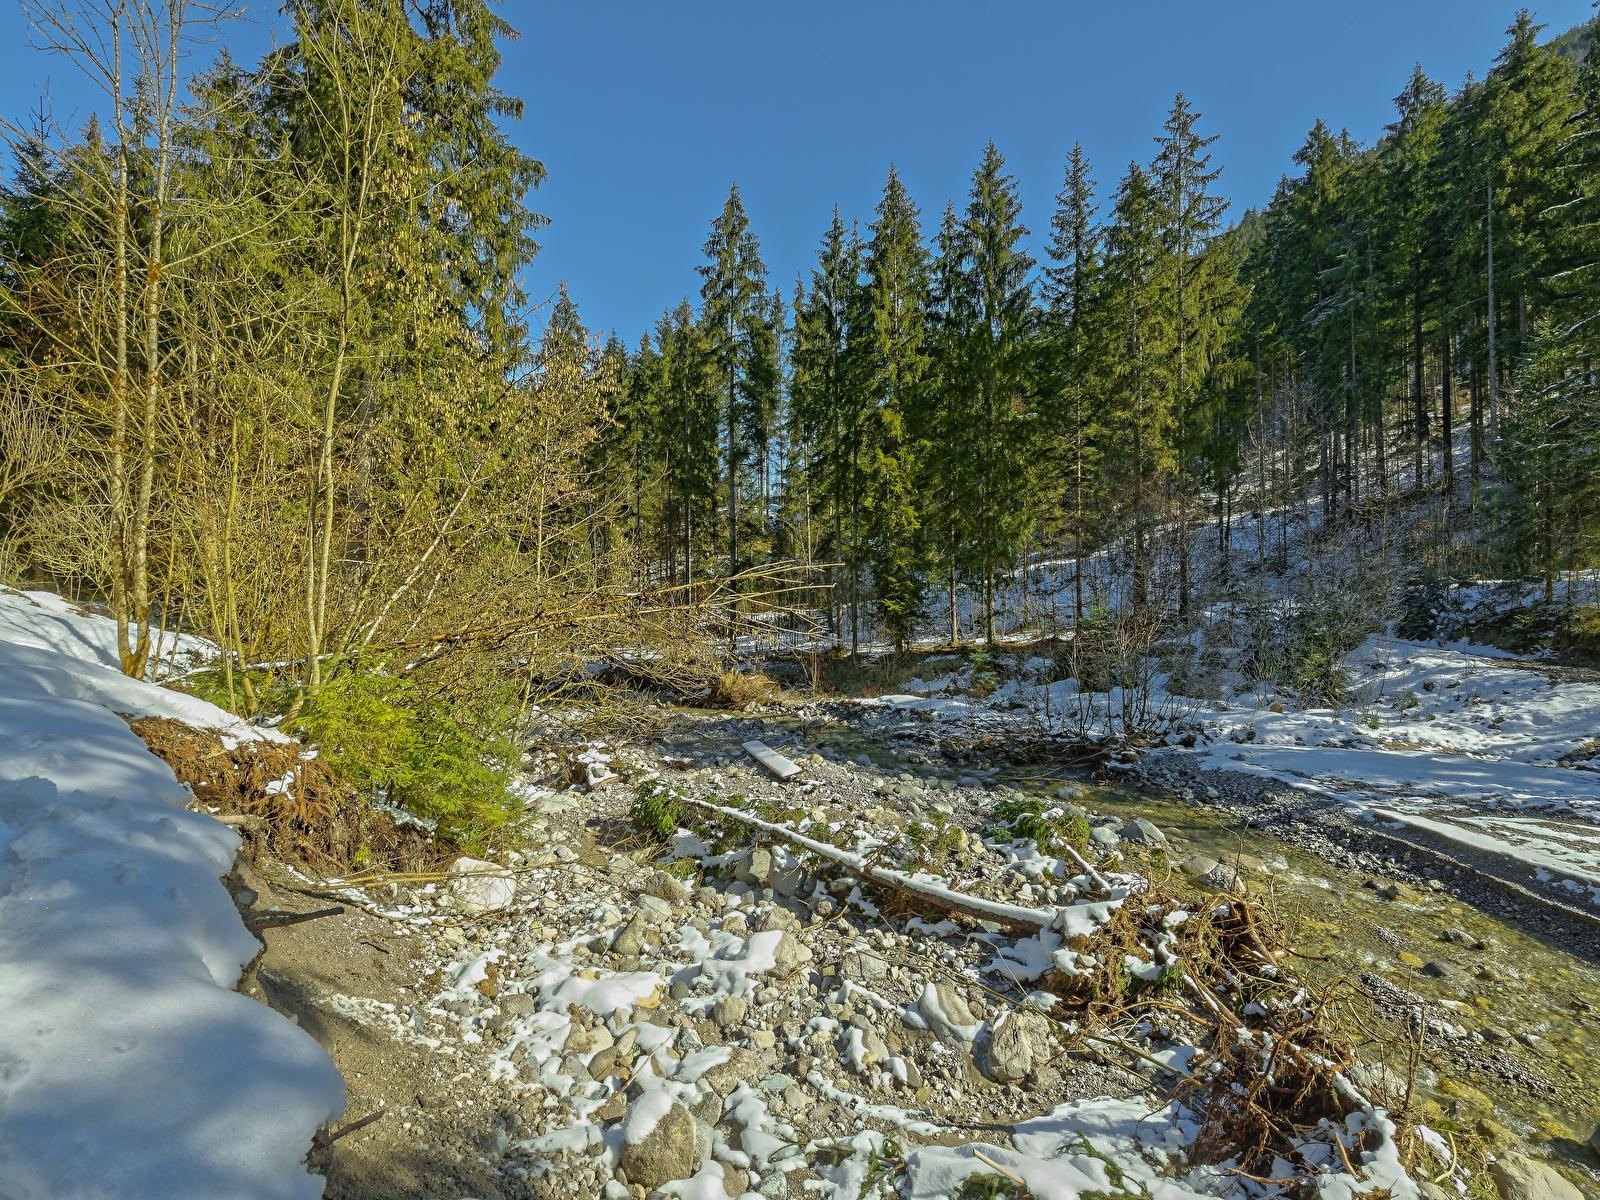 Фото Альпы Австрия Tyrol ели Зима Природа Леса снега 1600x1200 альп Ель зимние лес Снег снеге снегу